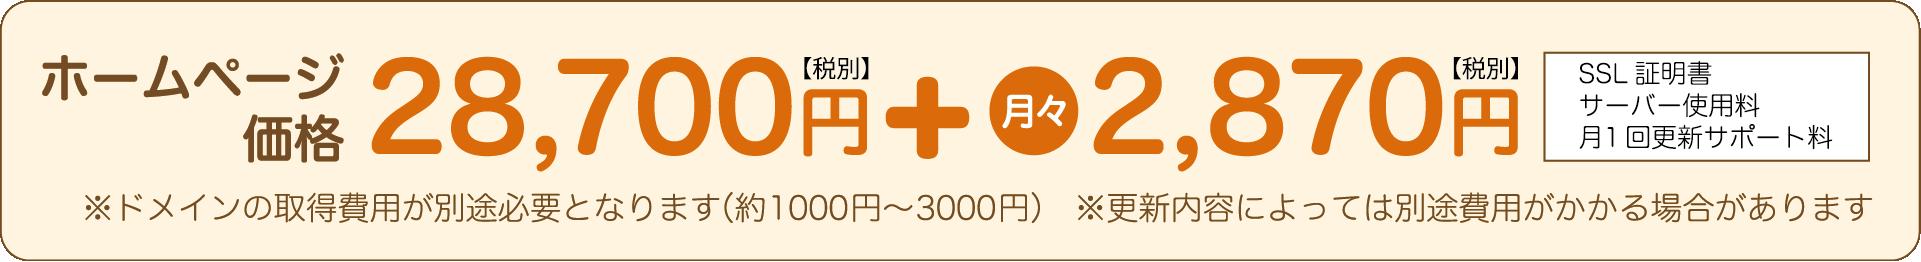 ホームページ価格28,700円【税別】+月々2,870円【税別】※更新内容によっては別途費用がかかる場合があります